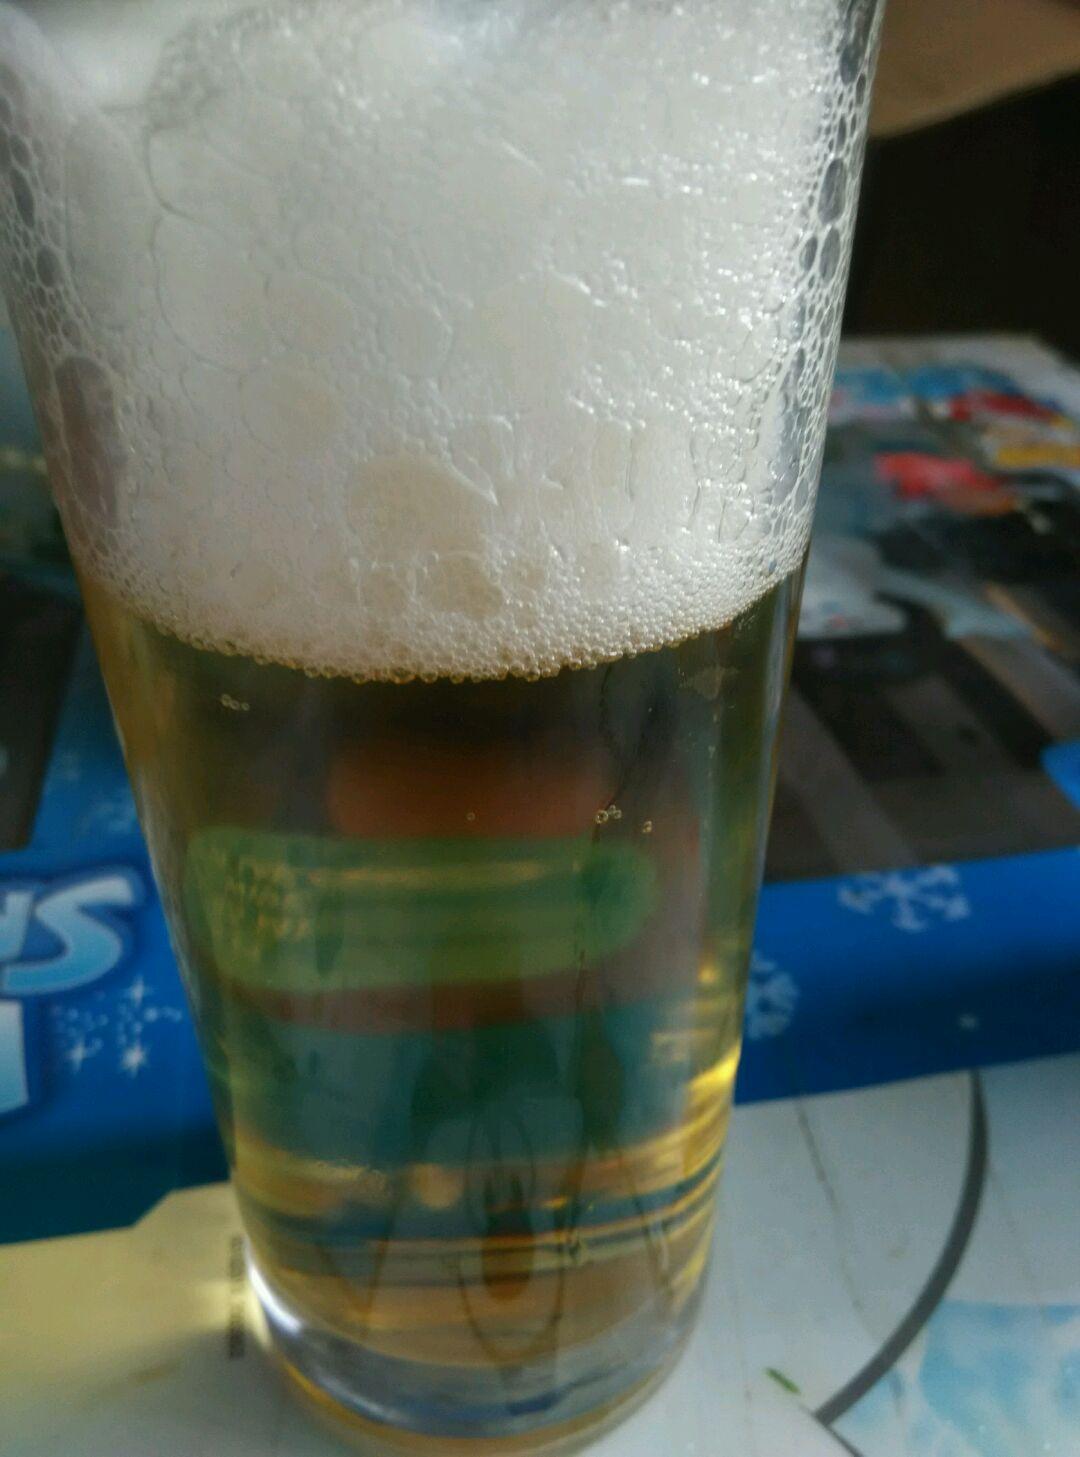 胡睿_胡罗卜啤酒鸭怎么做_胡罗卜啤酒鸭的做法视频_豆果美食